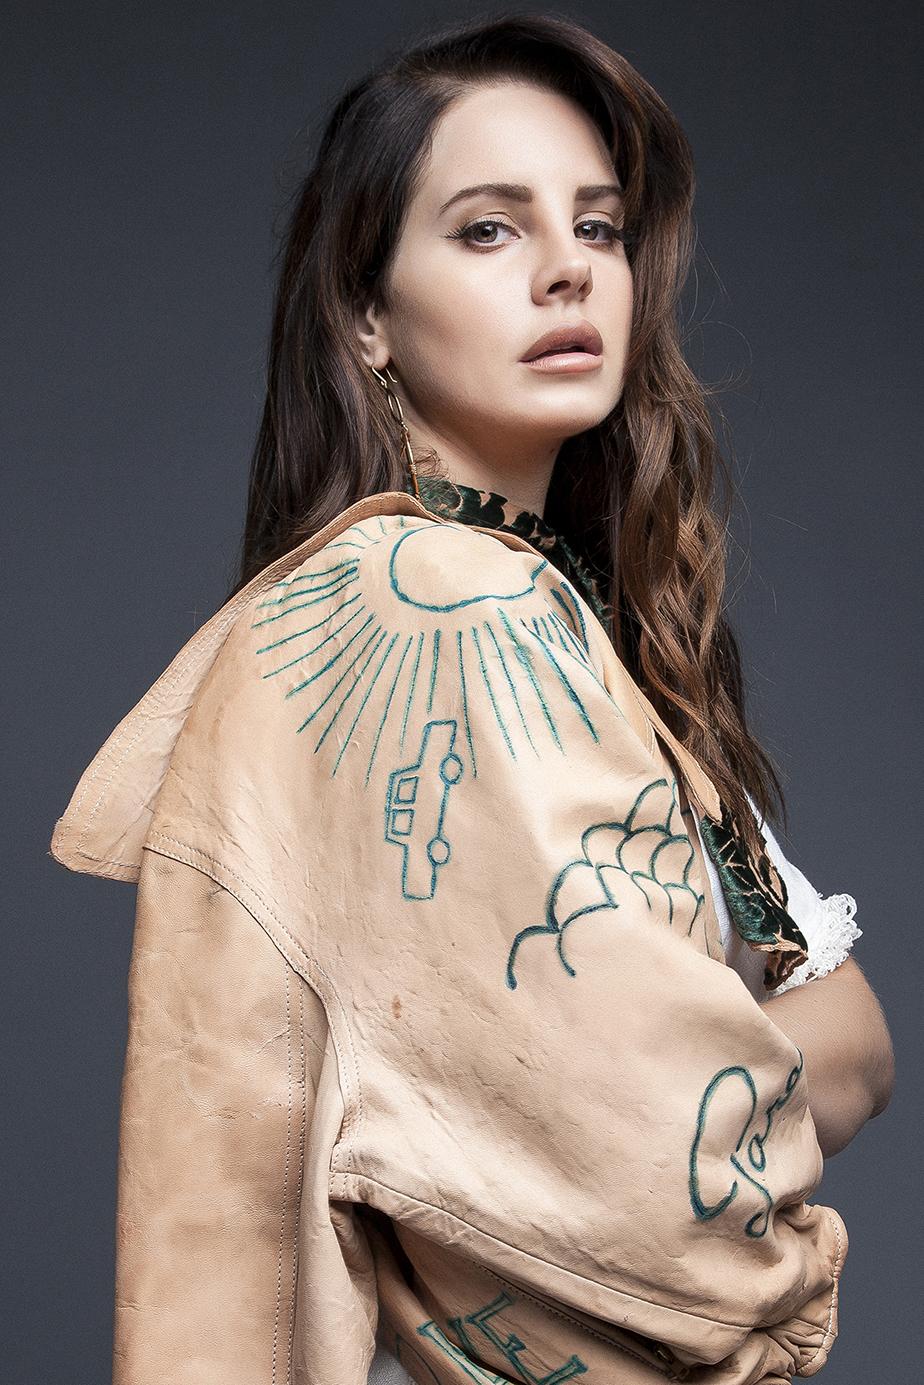 NYLON MAGAZINE, Lana Del Rey